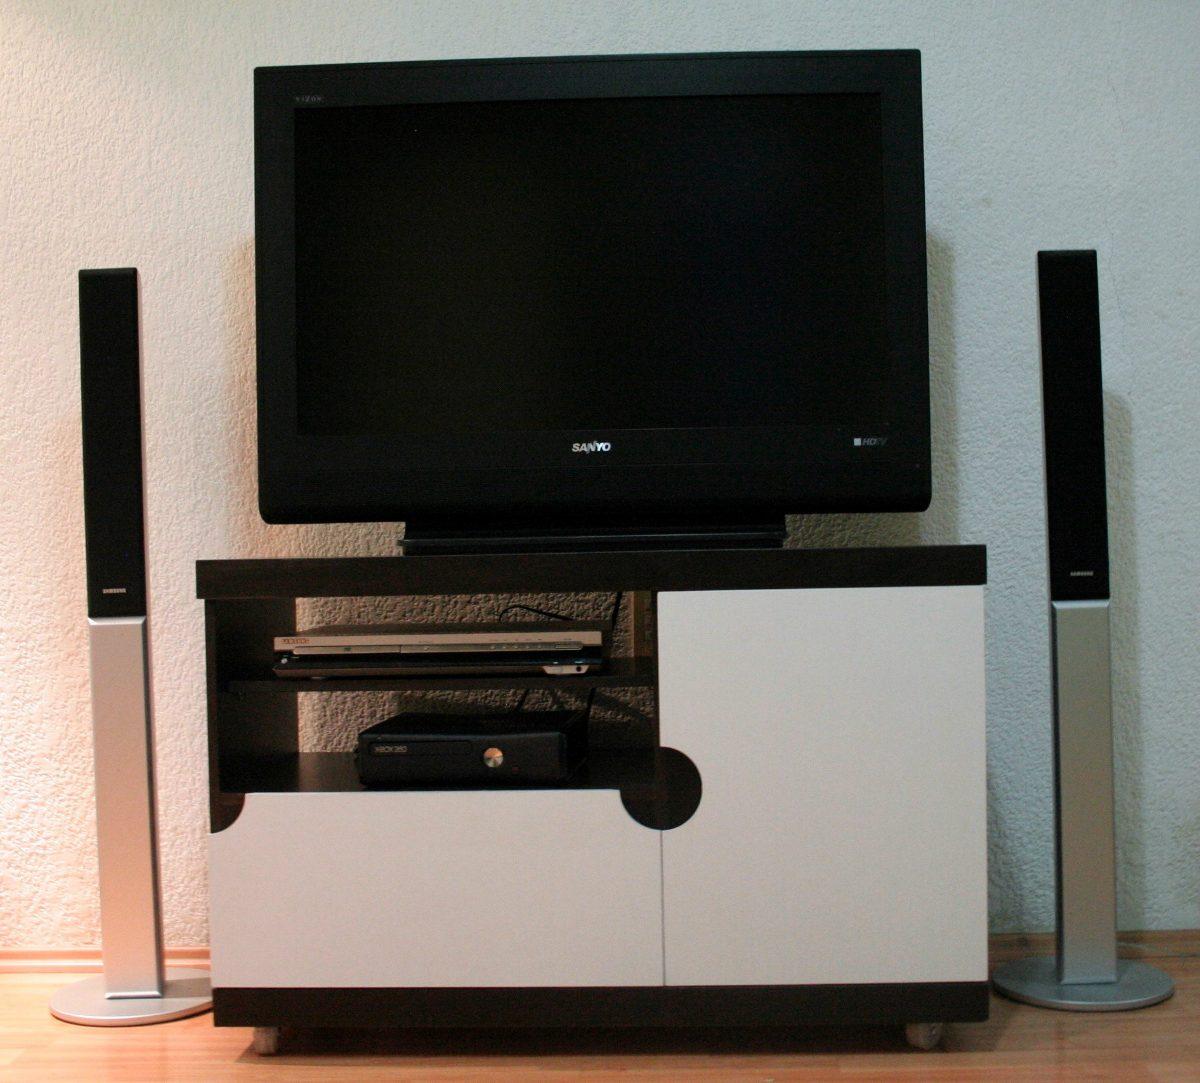 Mueble para tv pantalla 39 saturno 39 2 en mercado libre - Muebles rusticos para tv ...